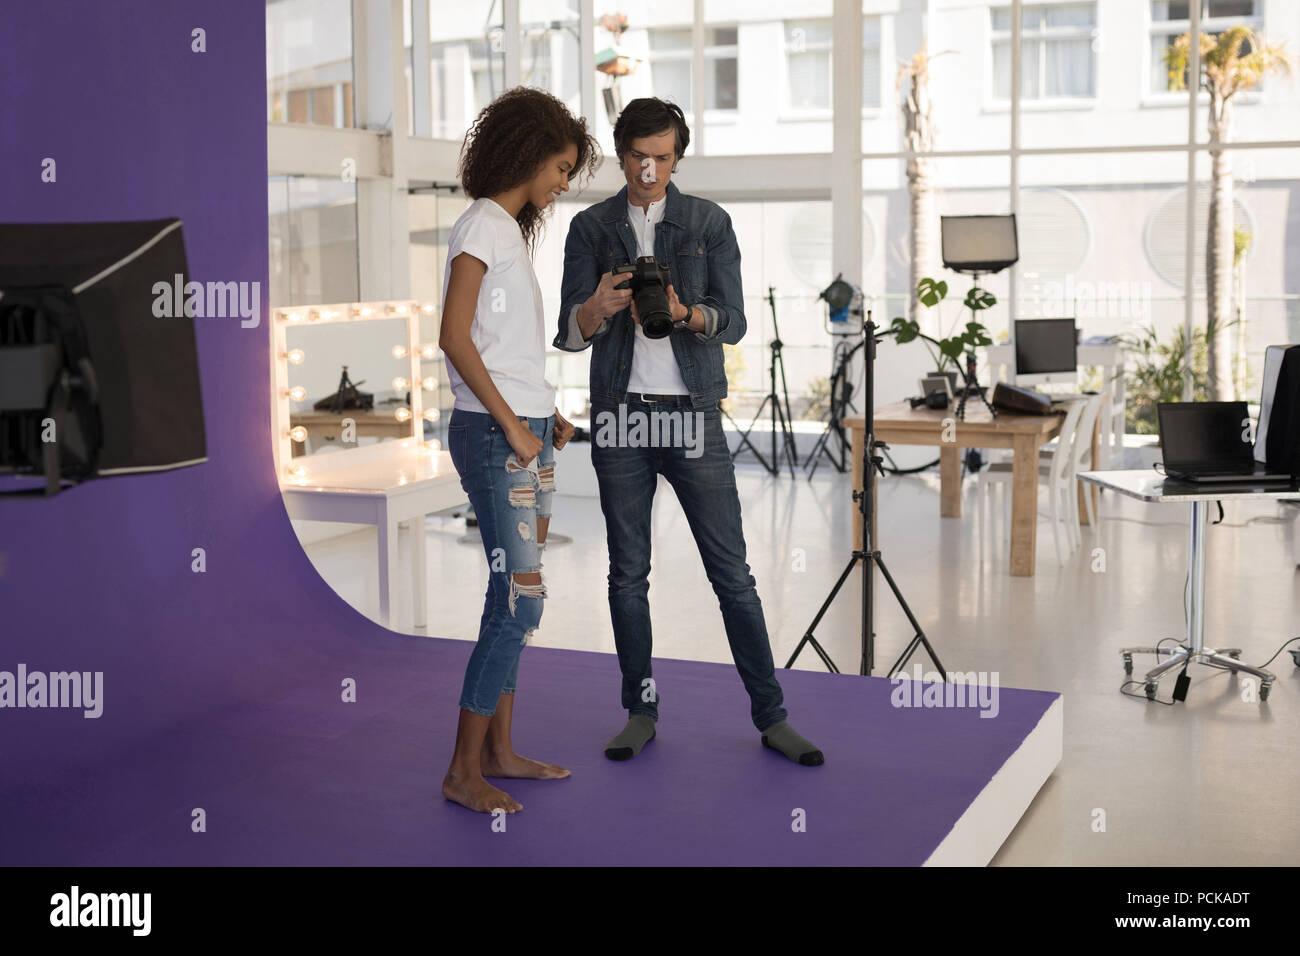 El fotógrafo que muestra fotos de moda modelo de cámara digital Imagen De Stock